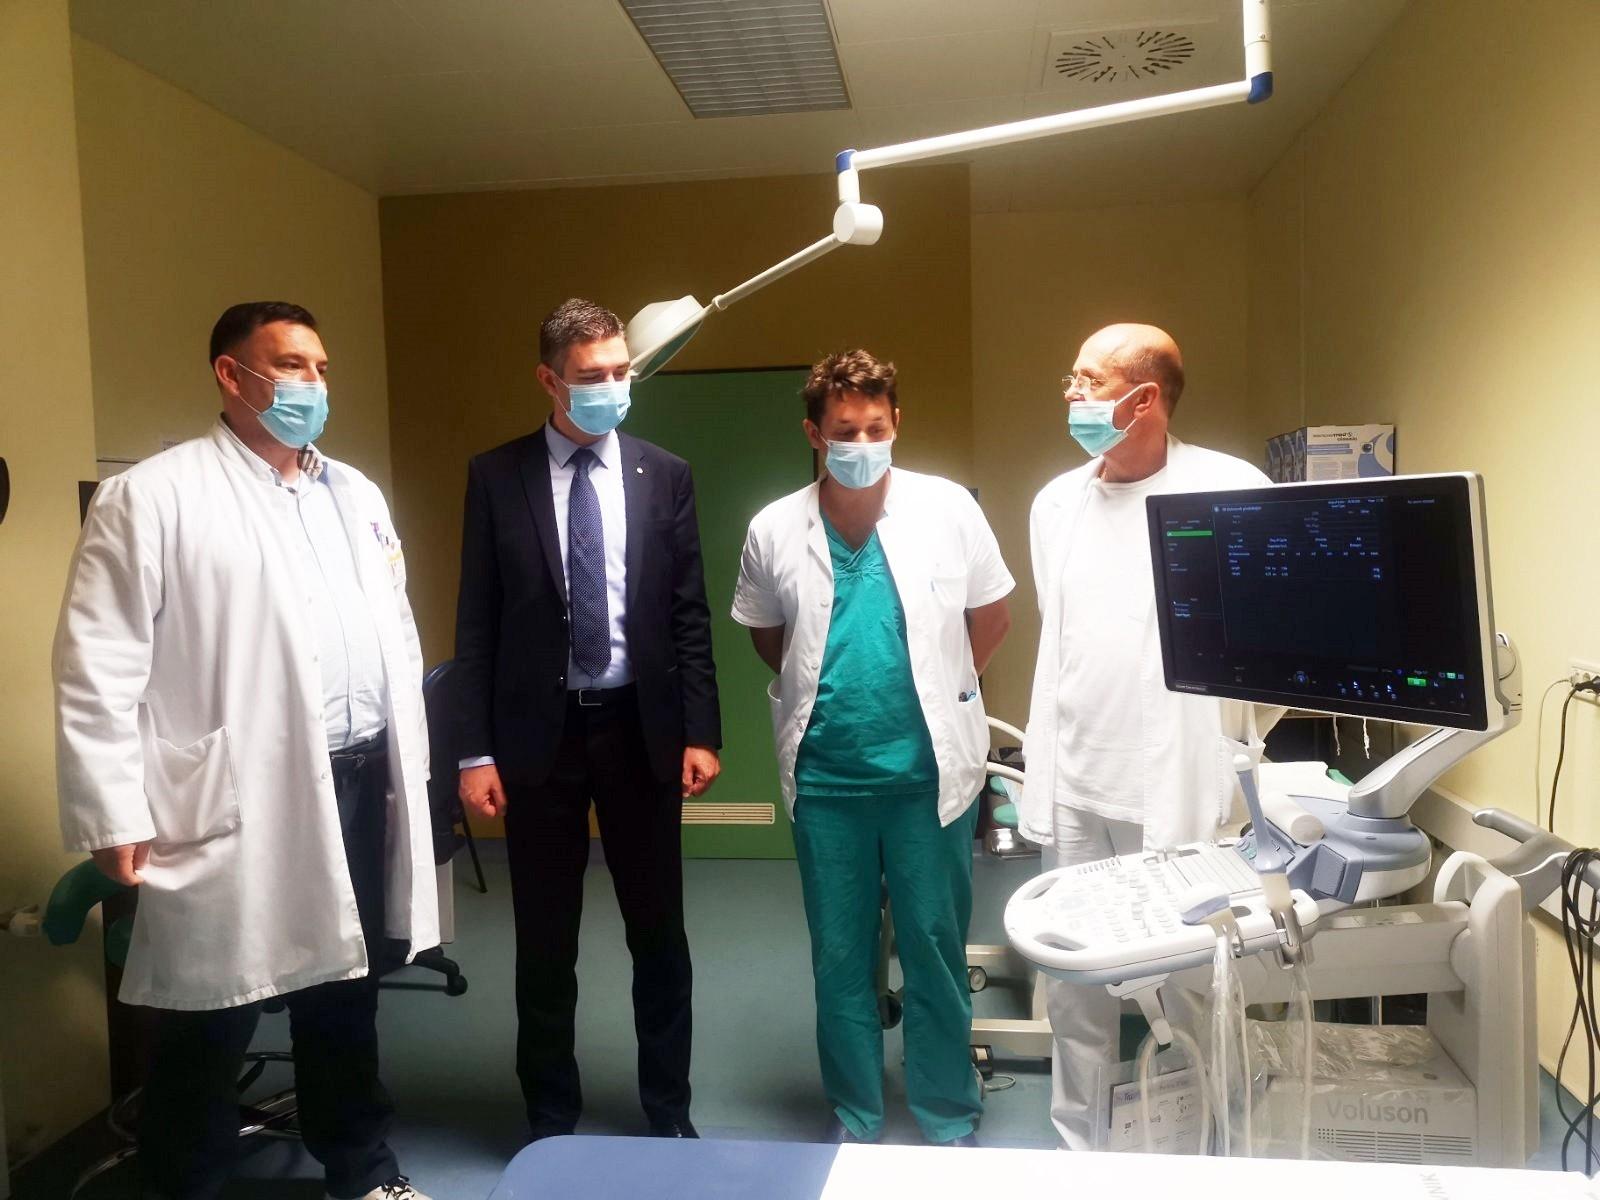 Grad Općoj bolnici donirao suvremeni ginekološki UZV uređaj, a Zaklada Blaga djela sustav za testiranje na COVID-19